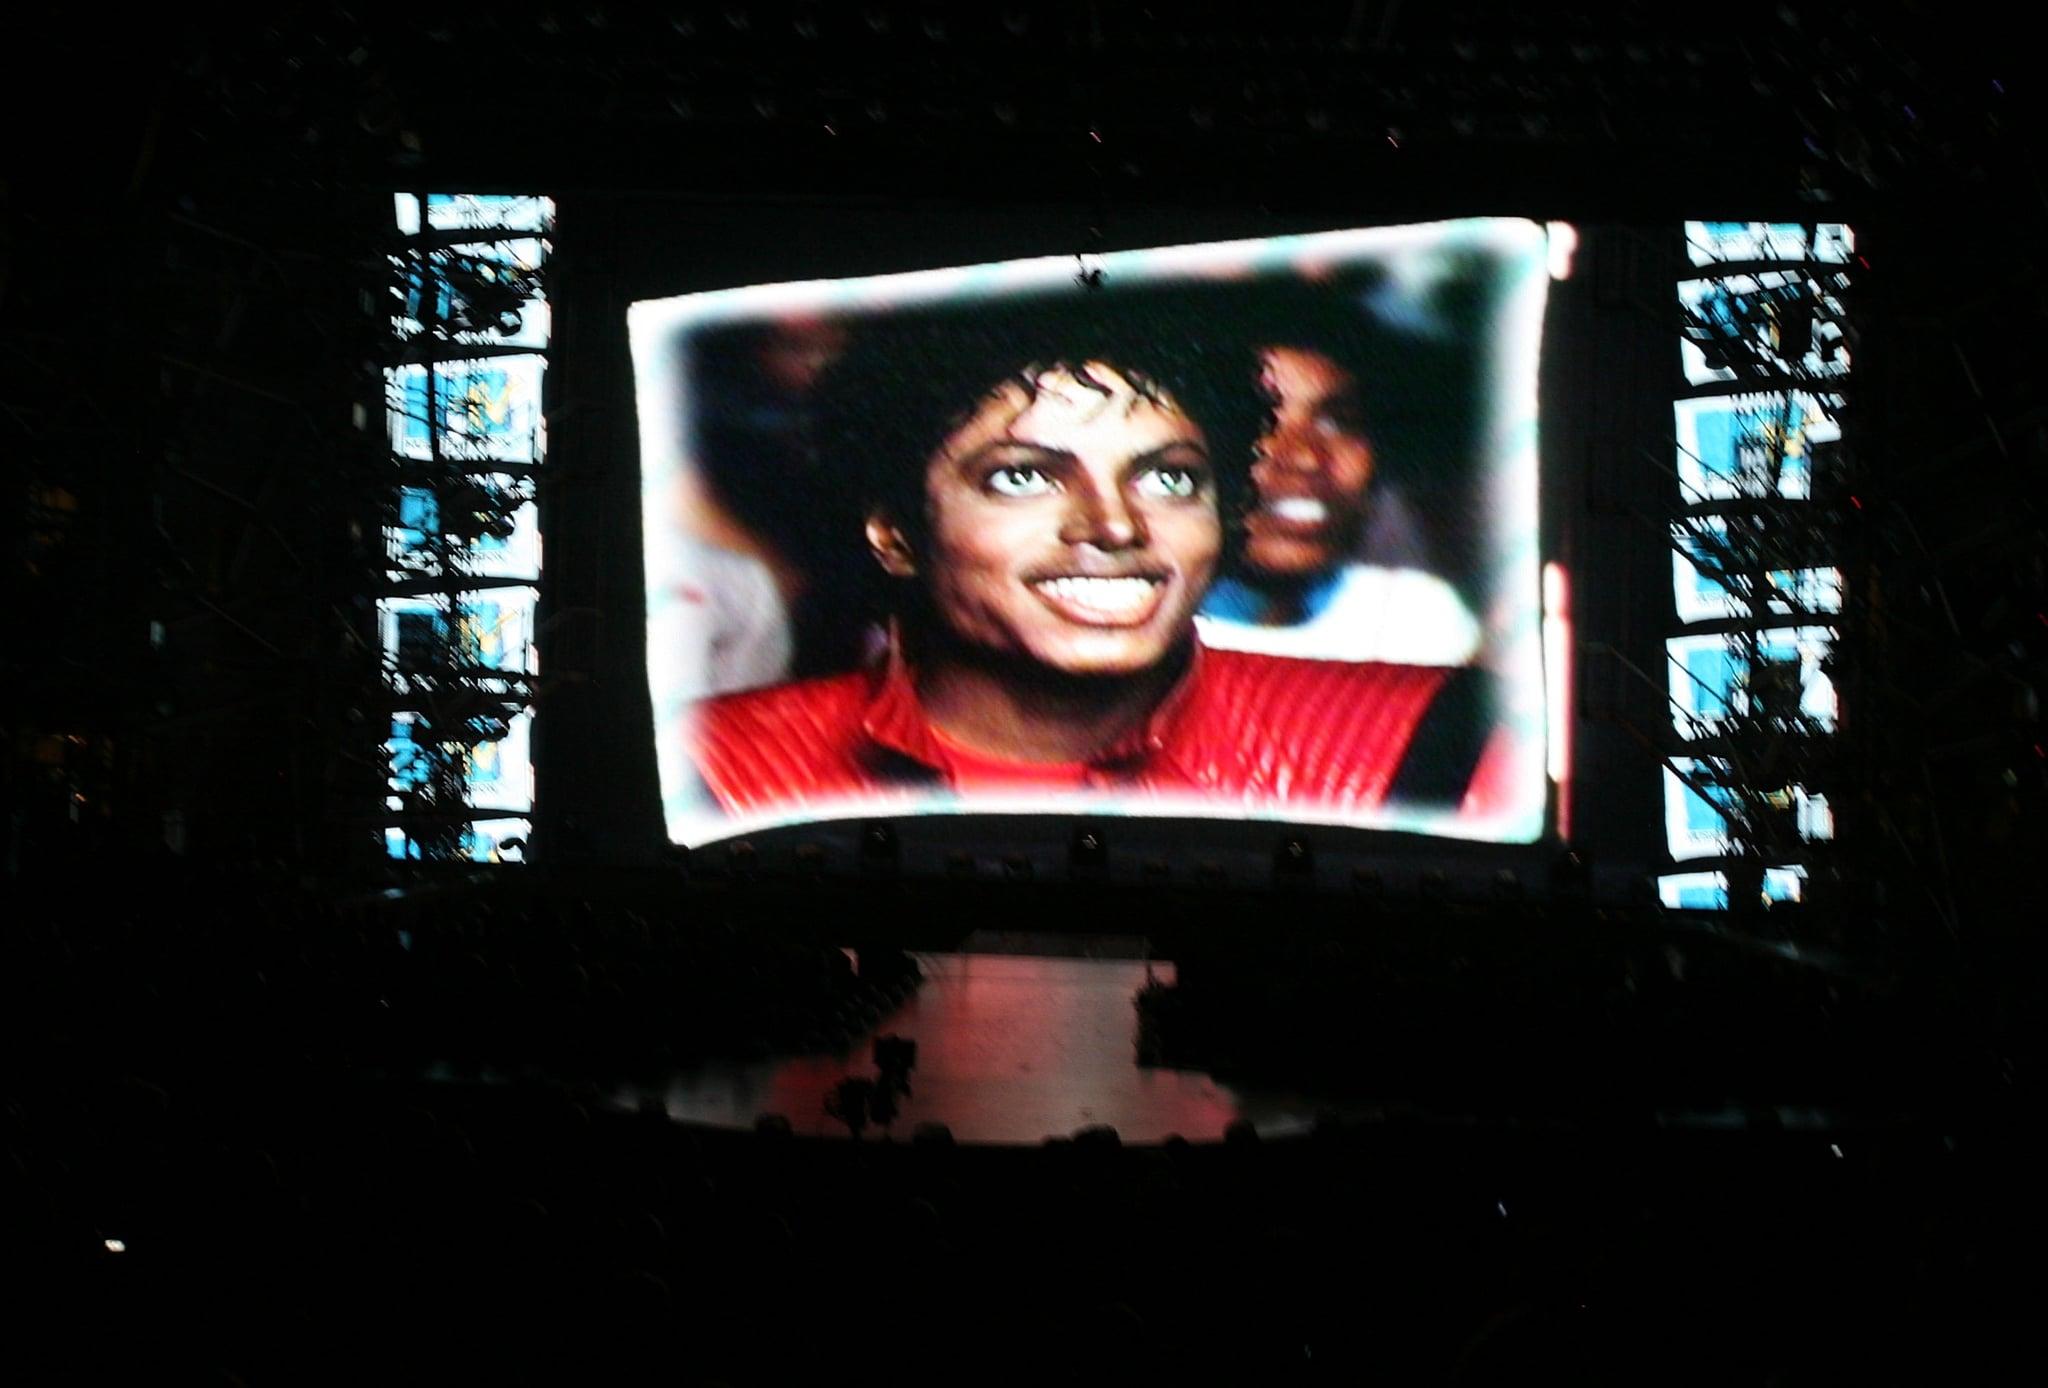 Photos of The 2009 MTV VMA Show